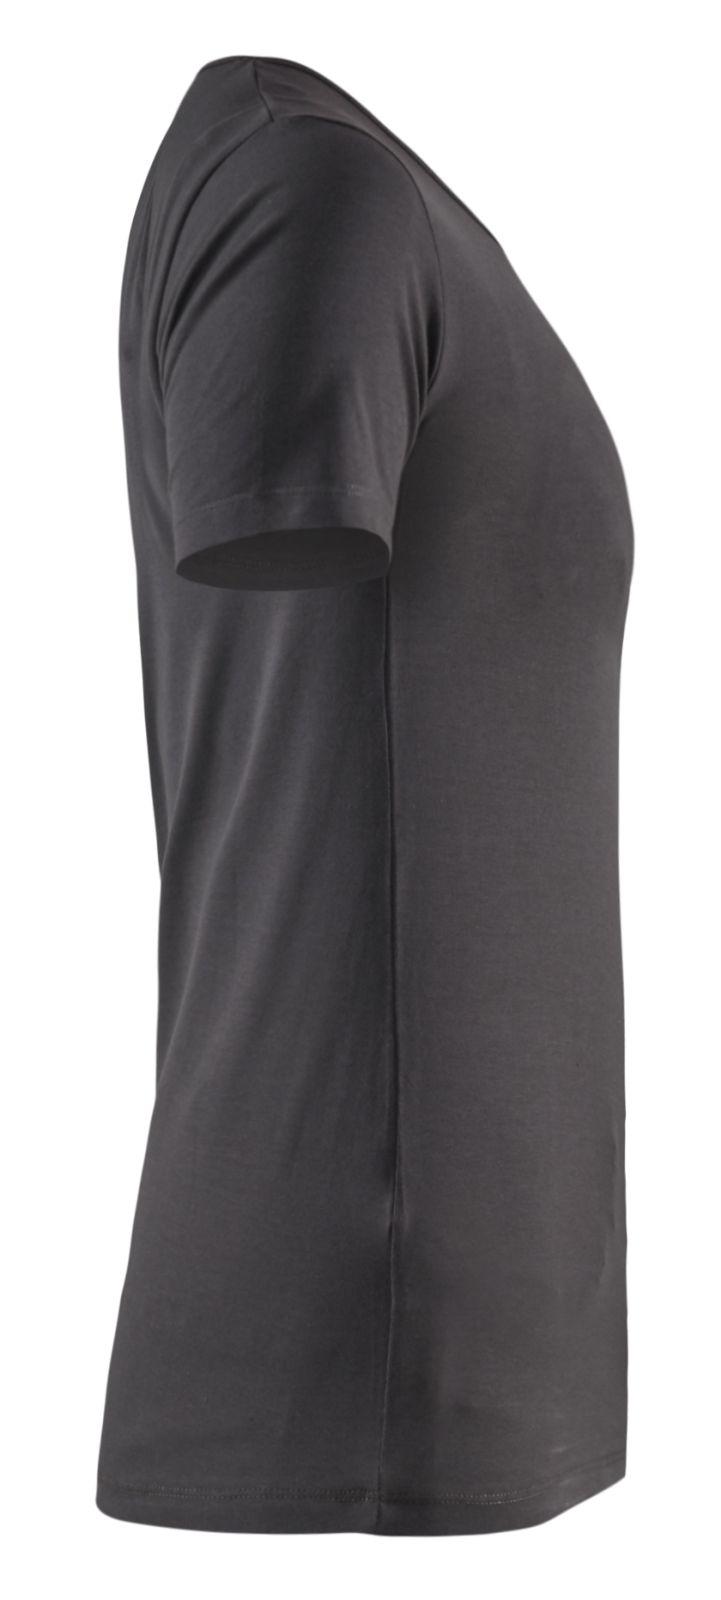 Blaklader Dames T-shirts 33041029 donkergrijs(9800)